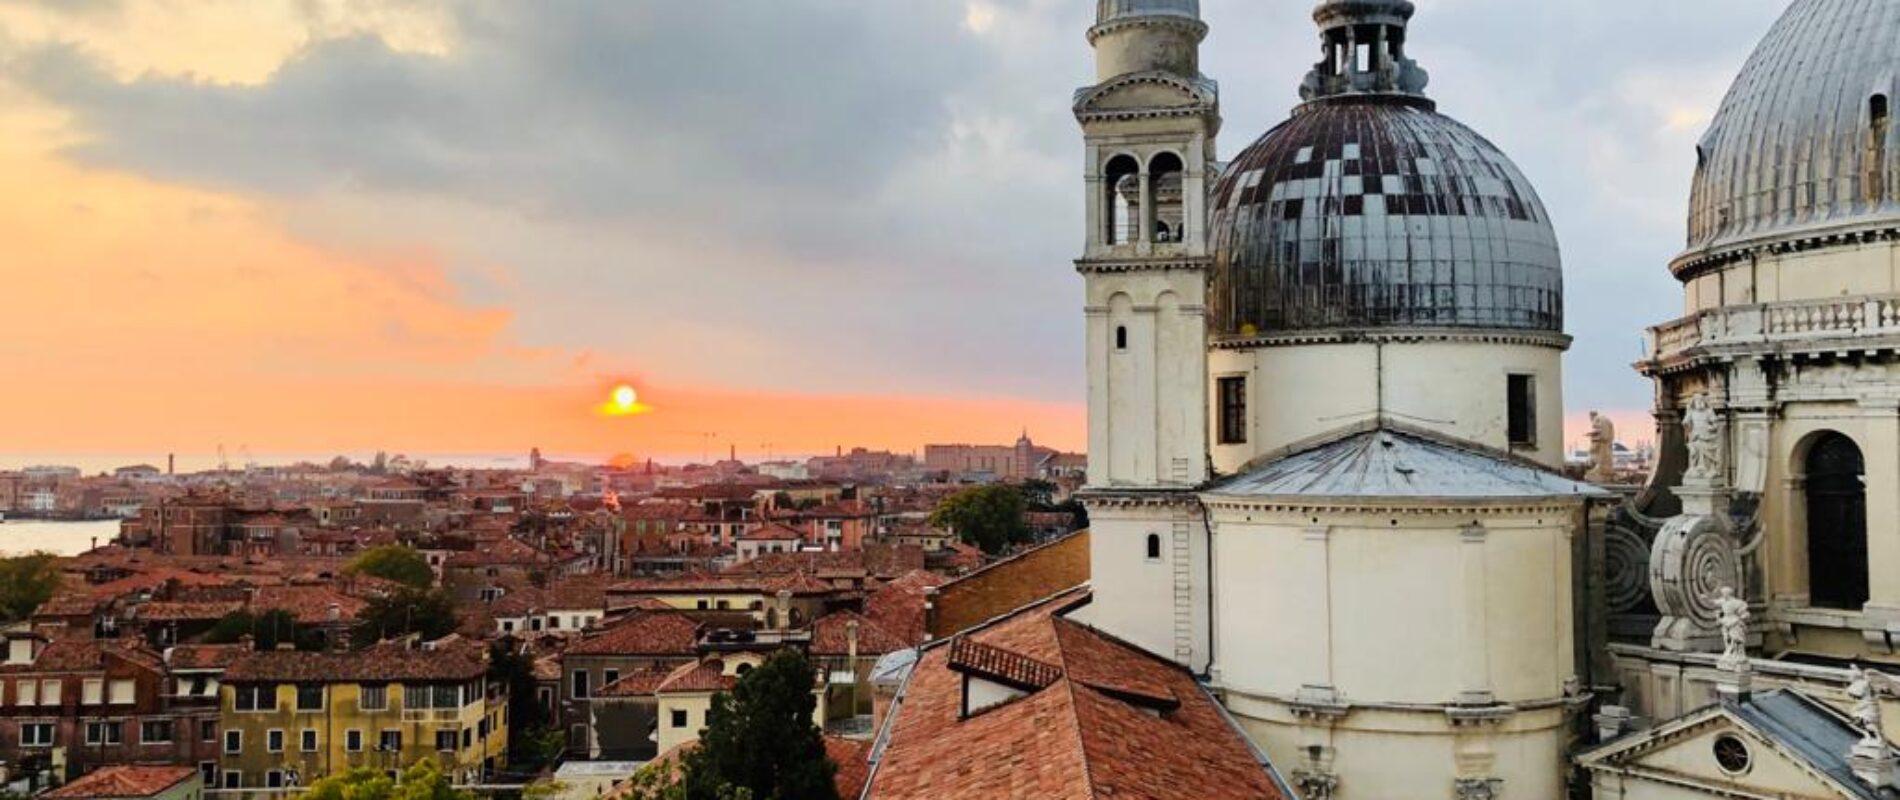 Sabato 26 Settembre: visita al Seminario Patriarcale alla Salute